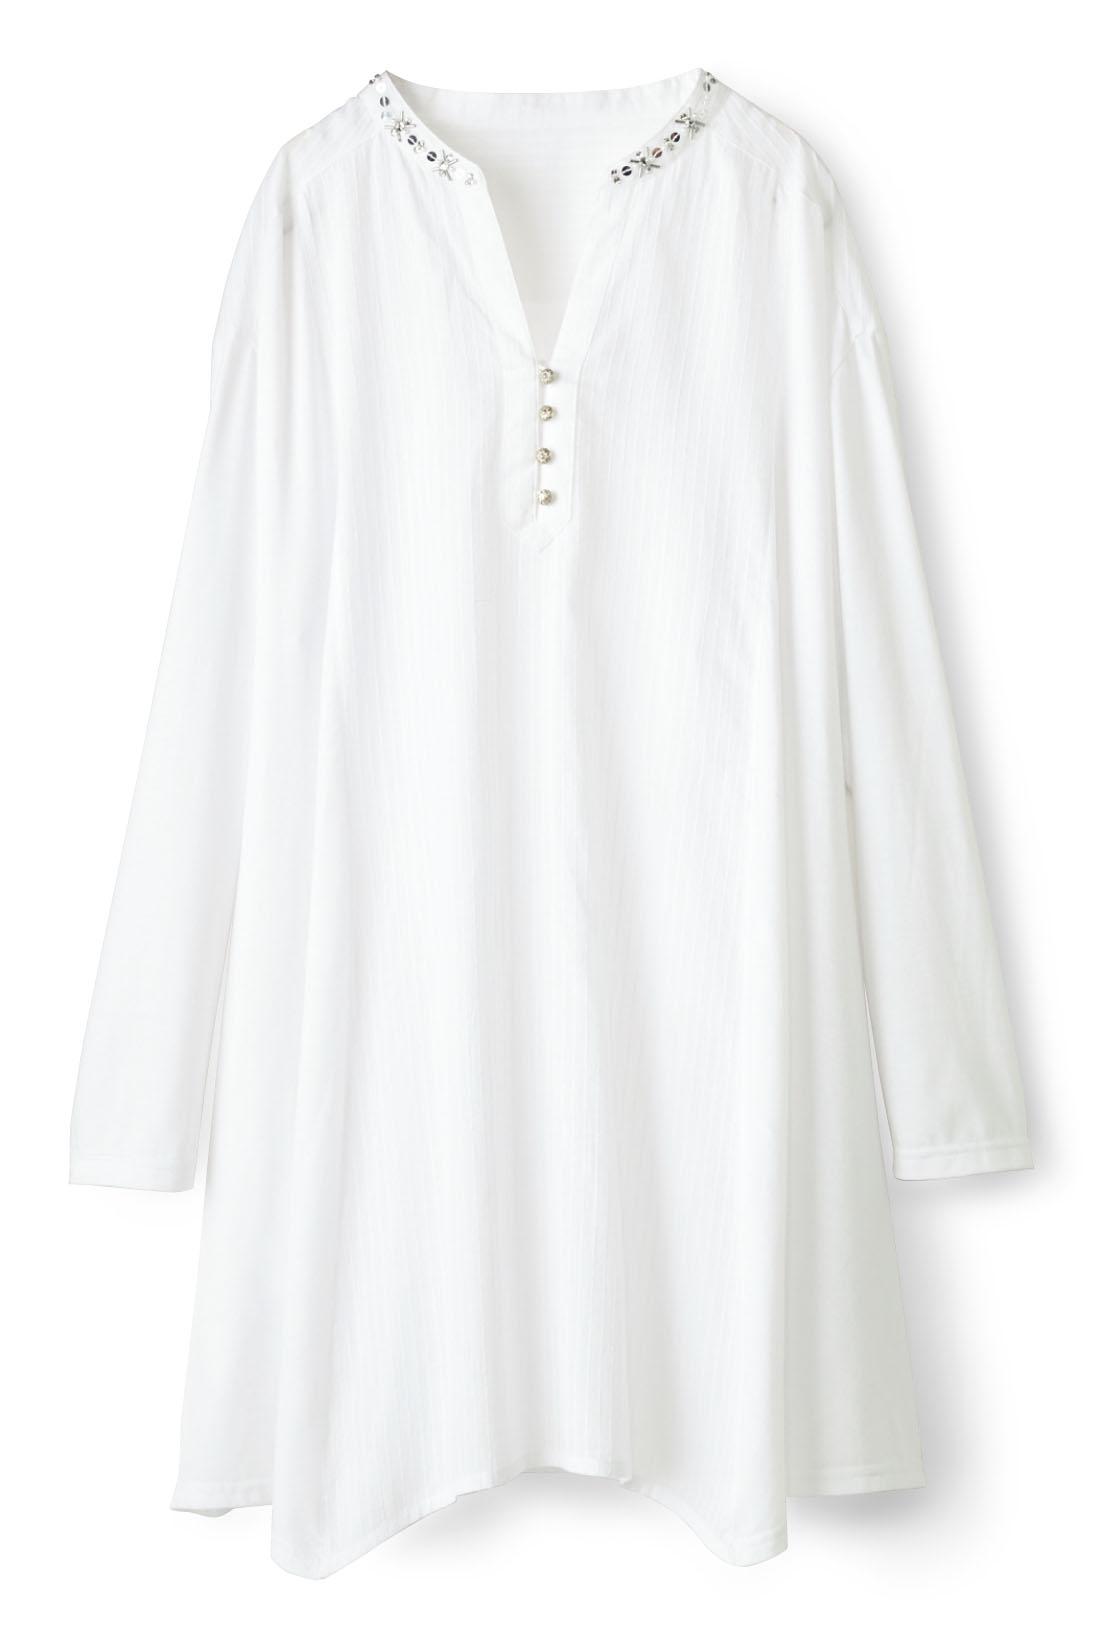 ナチュラルな【ホワイト】 ボタンの内側はインナーがチラ見えしないよう当て布でカバー。